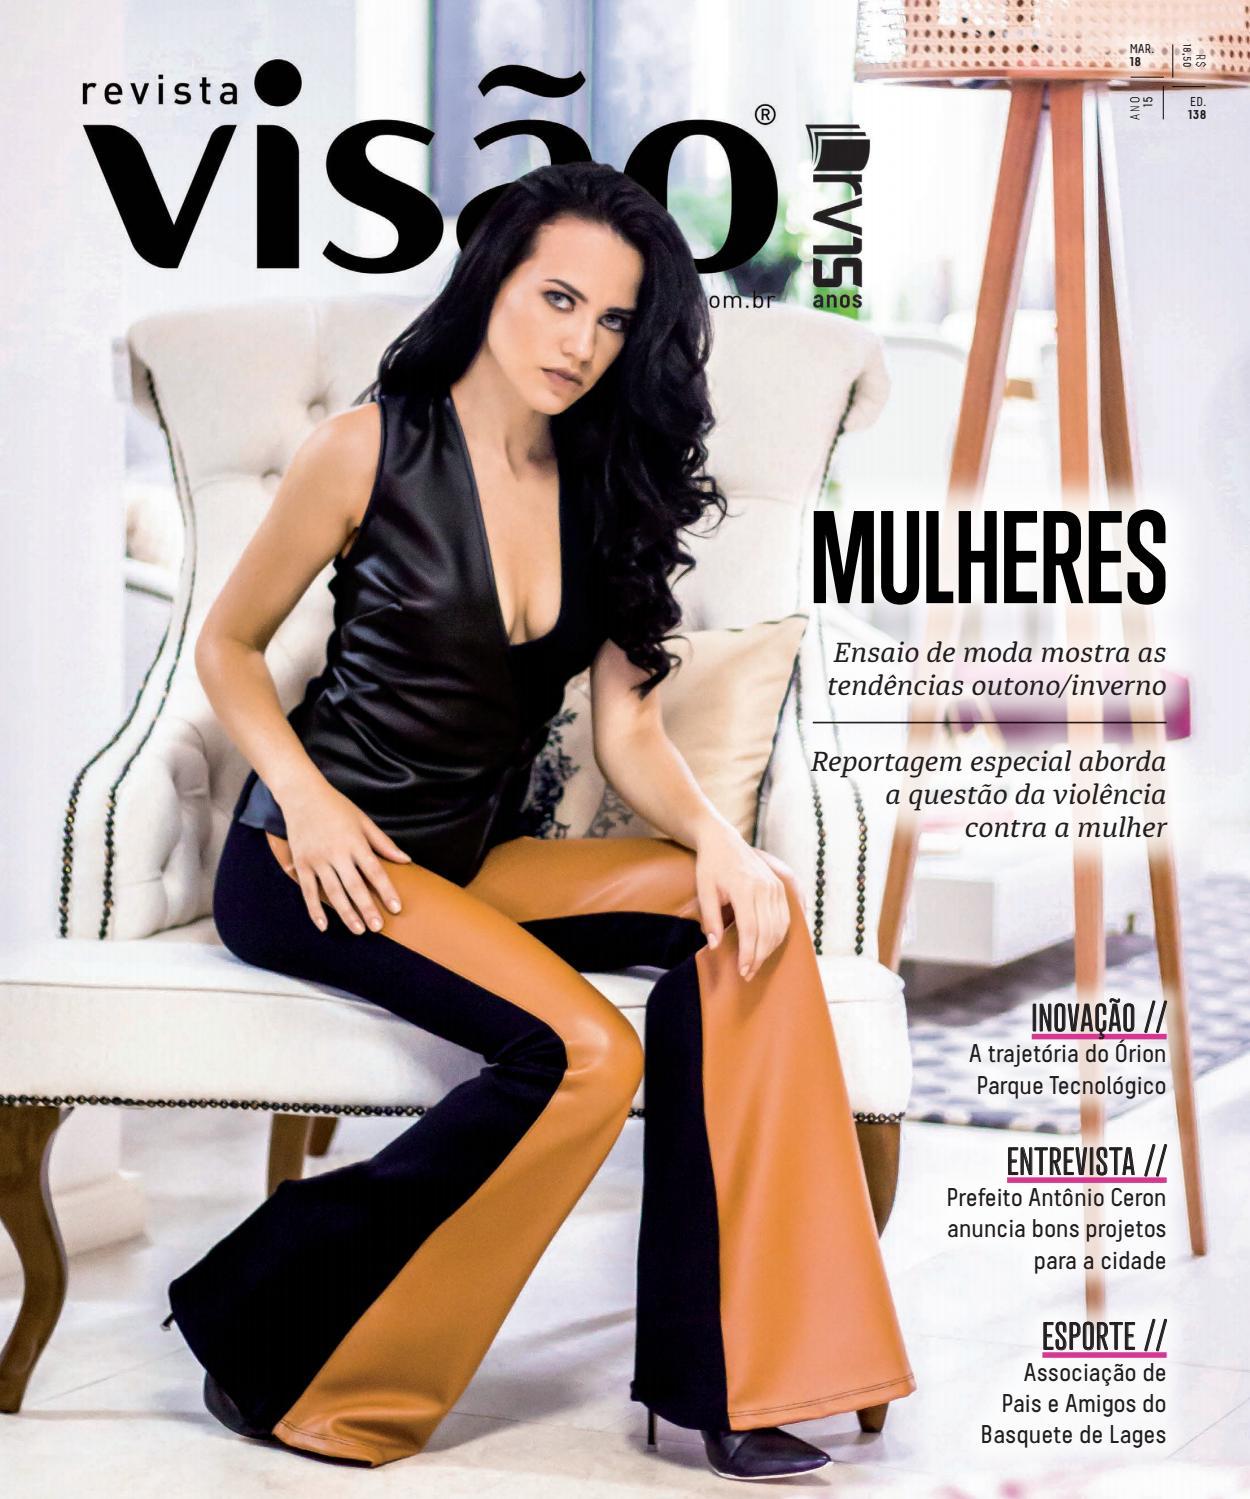 Revista Visão - Março 2018 - Edição  138 by Revista Visão - issuu a6aeda6245b57